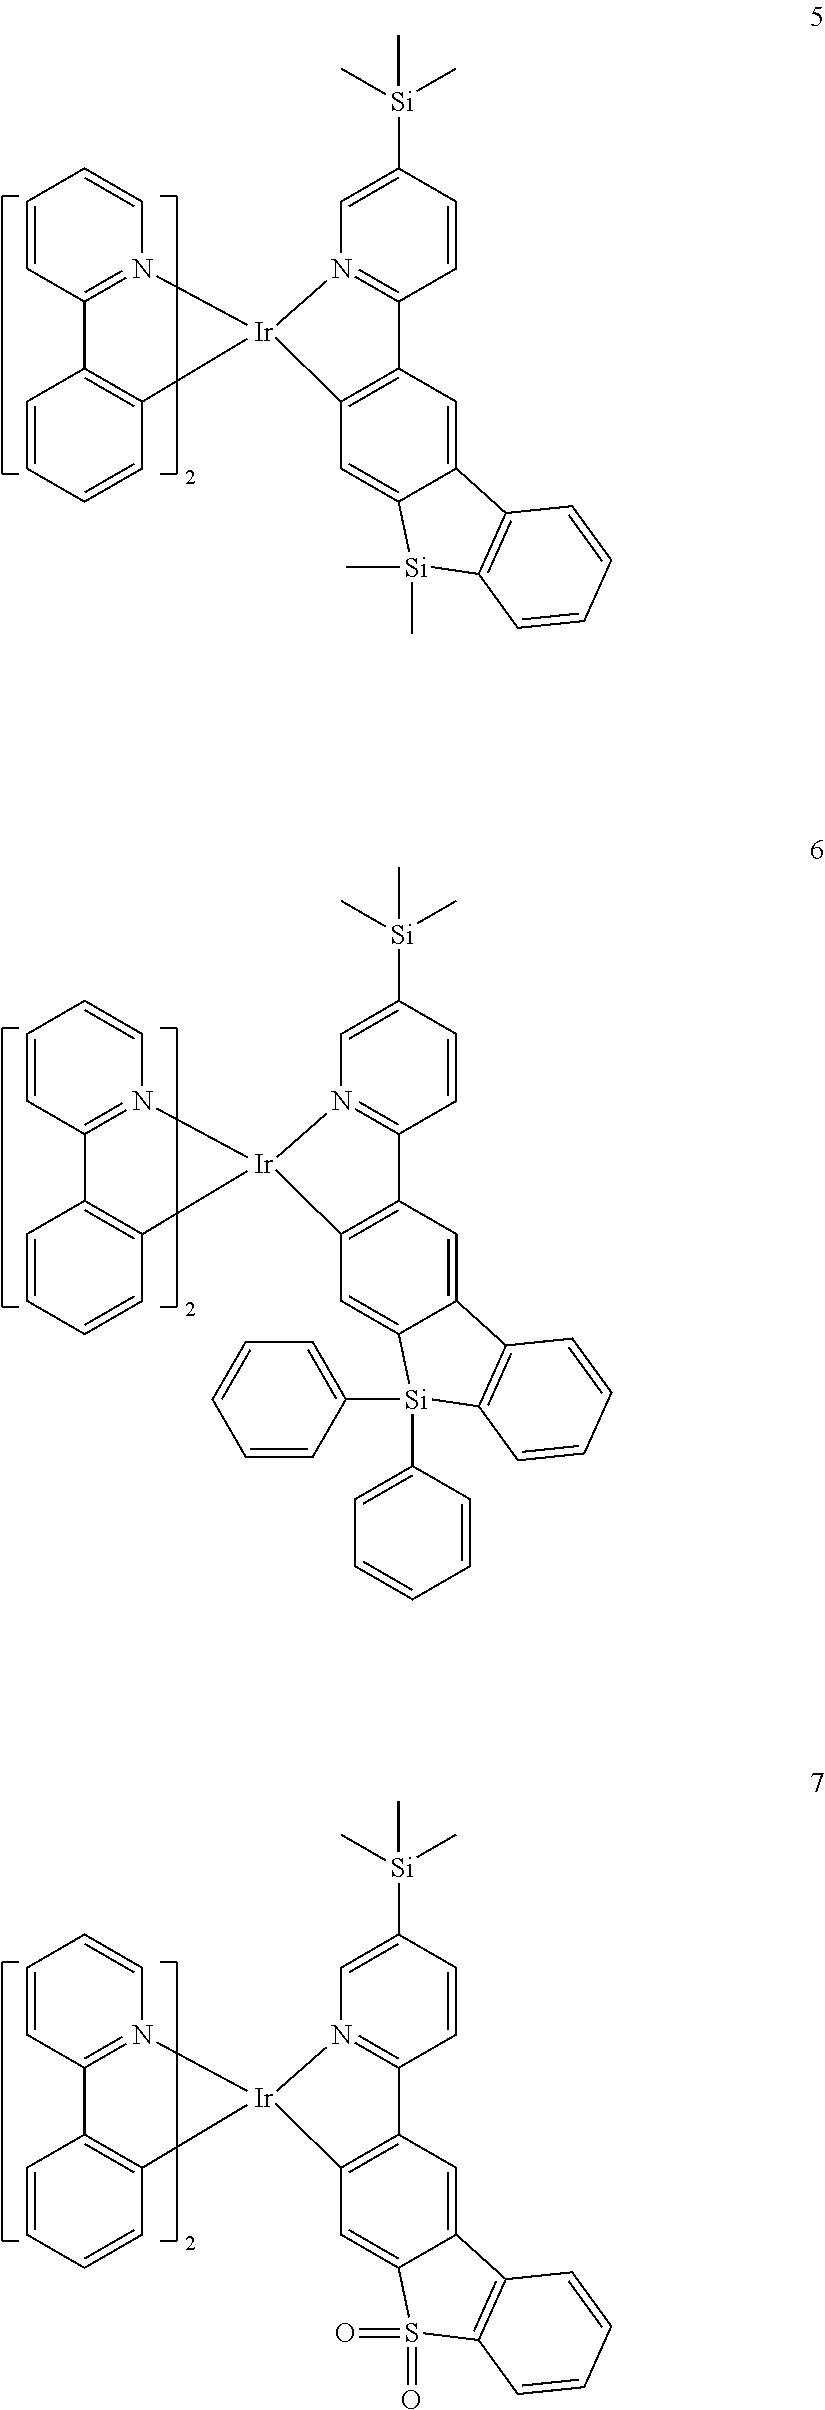 Figure US20160155962A1-20160602-C00060